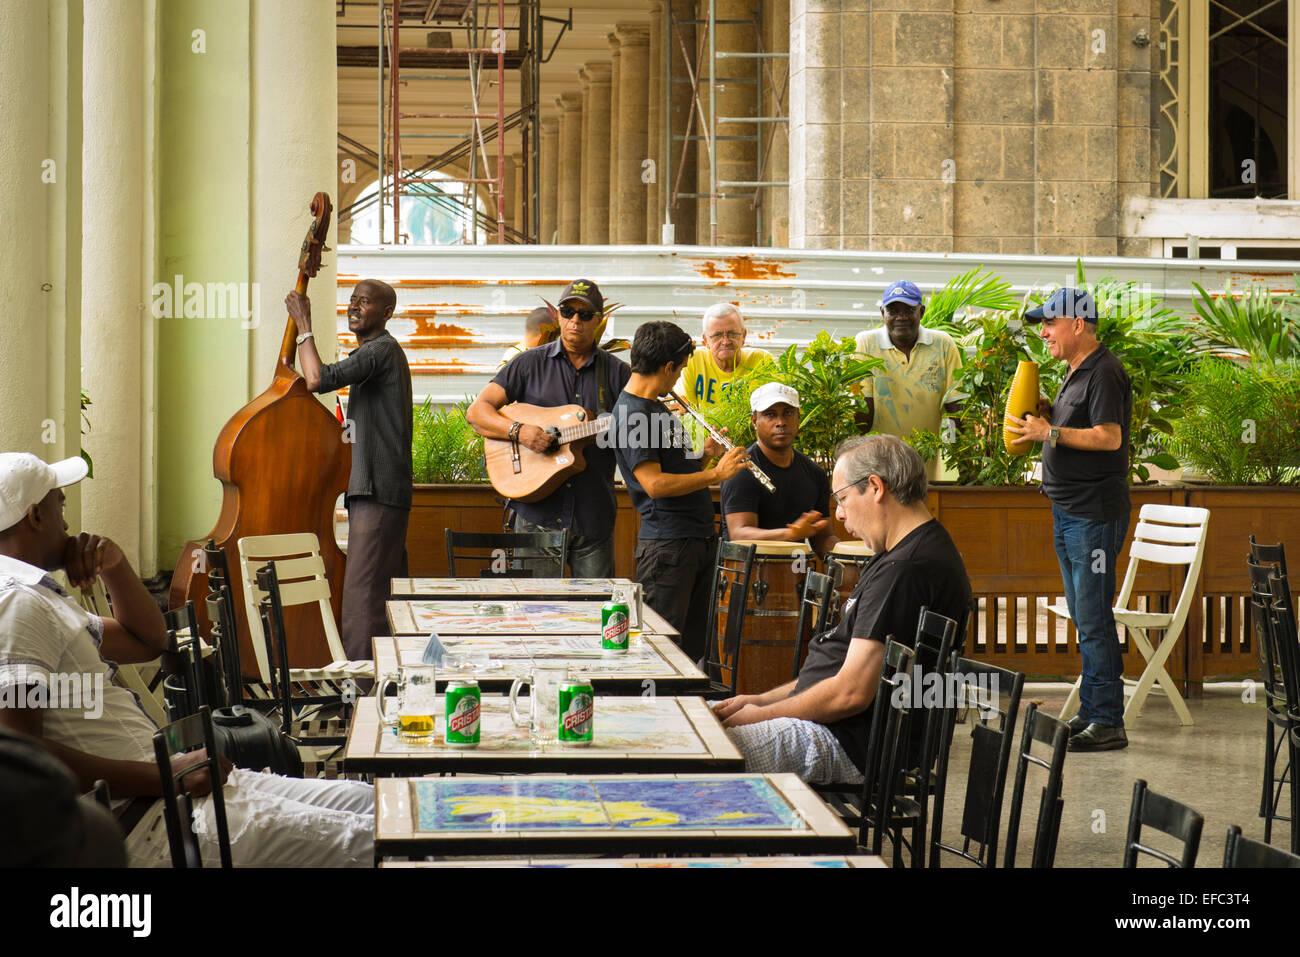 Cuba La Habana Centro Habana Central Park Paseo De Marti